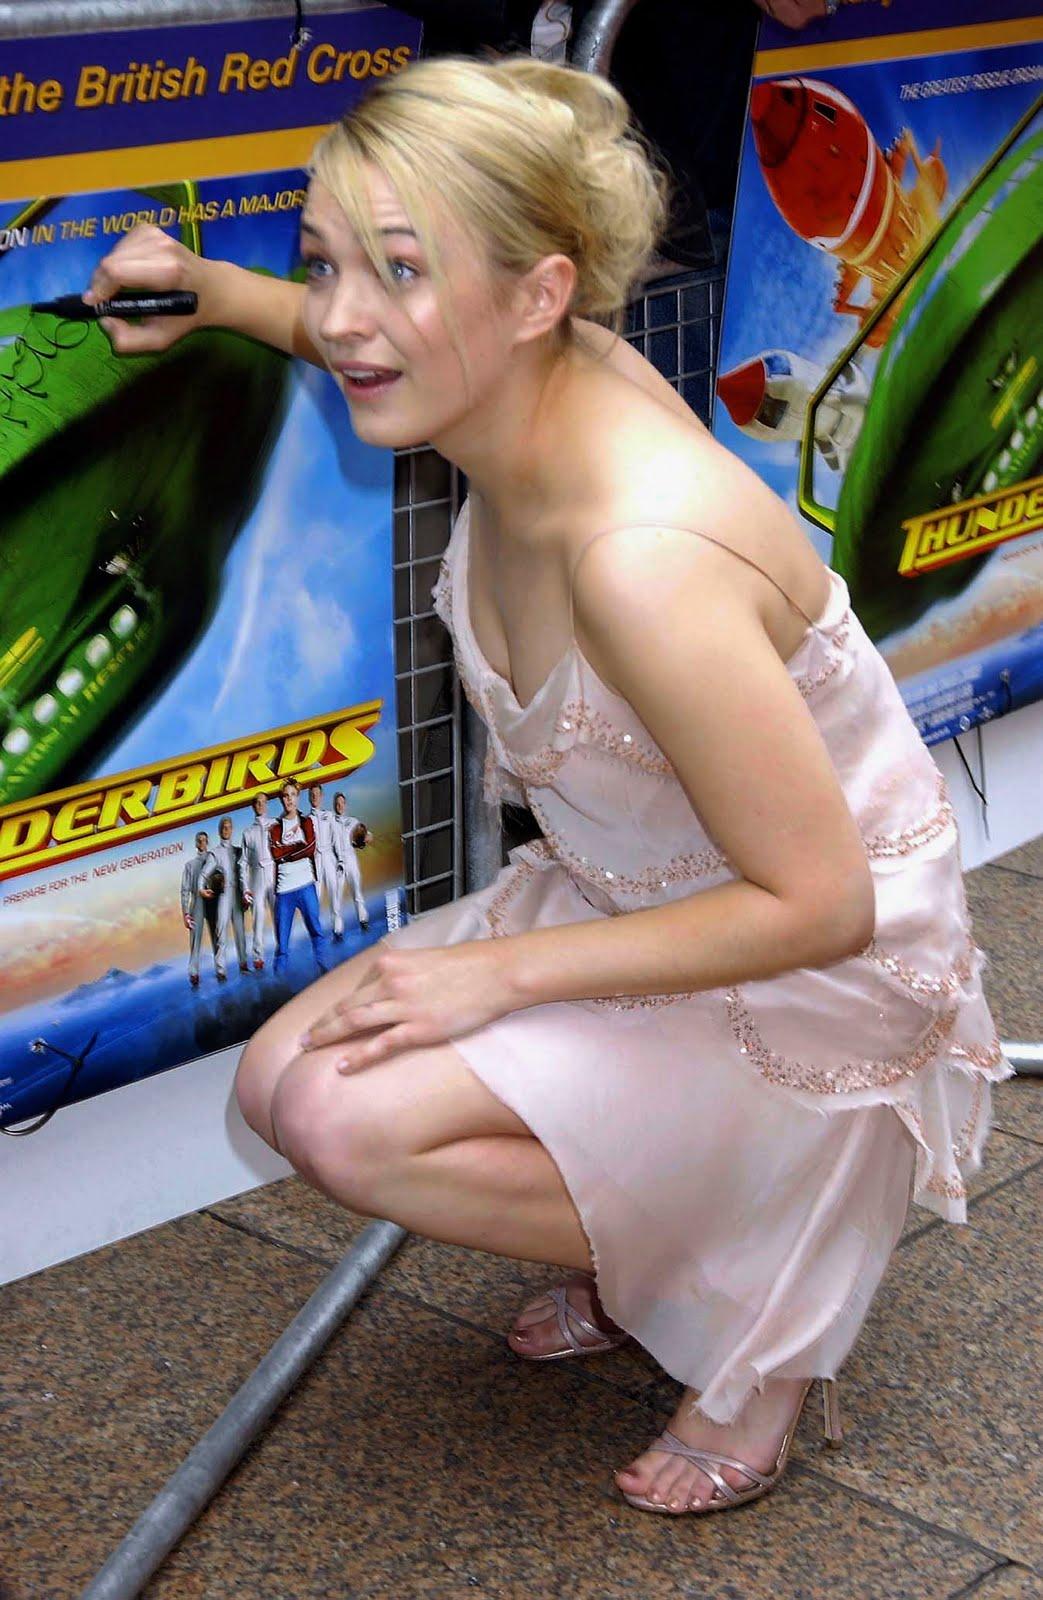 http://1.bp.blogspot.com/_UaLWp72nij4/TEirbAZuA2I/AAAAAAAASAs/q6I1u9sjjVE/s1600/sophia-myles-feet-3.jpg